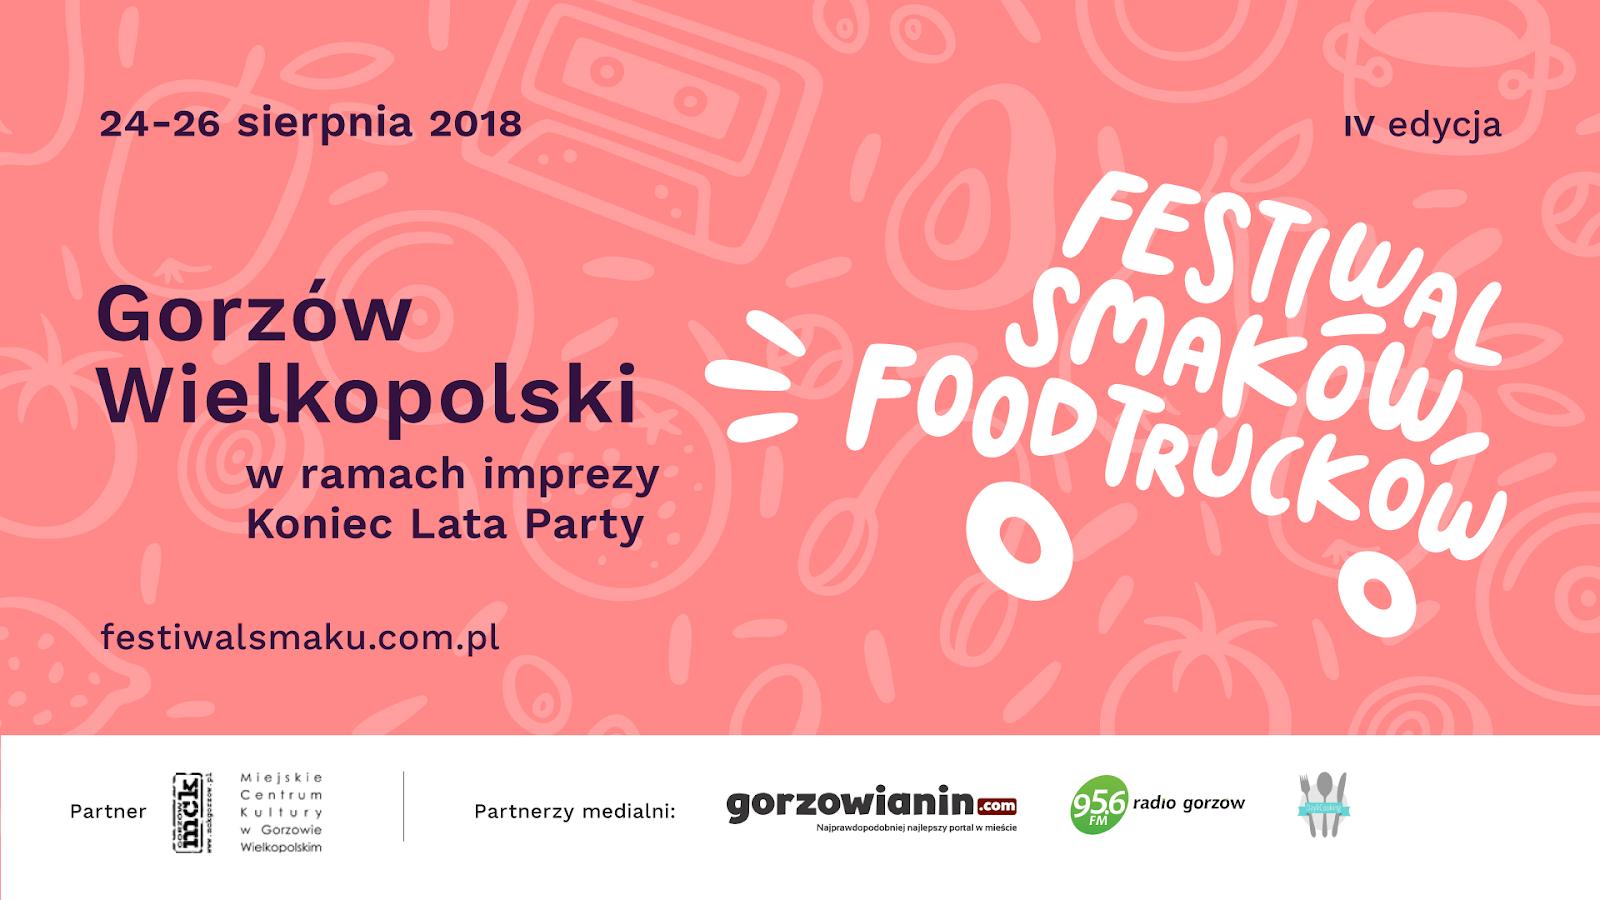 IV Festiwal Smaków Food Trucków w Gorzowie Wlkp.